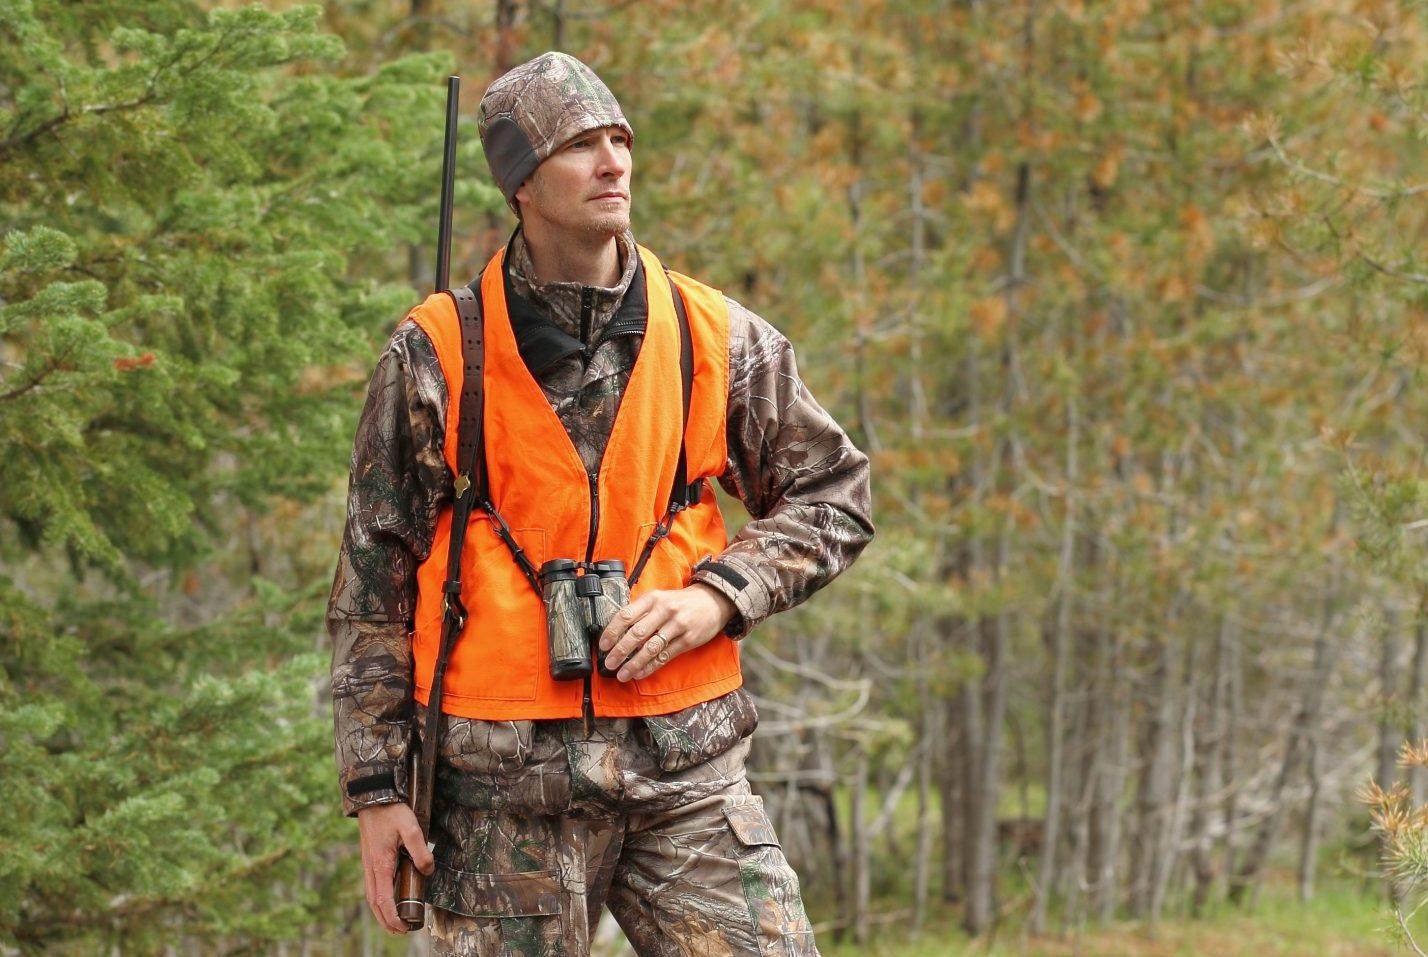 A deer hunter